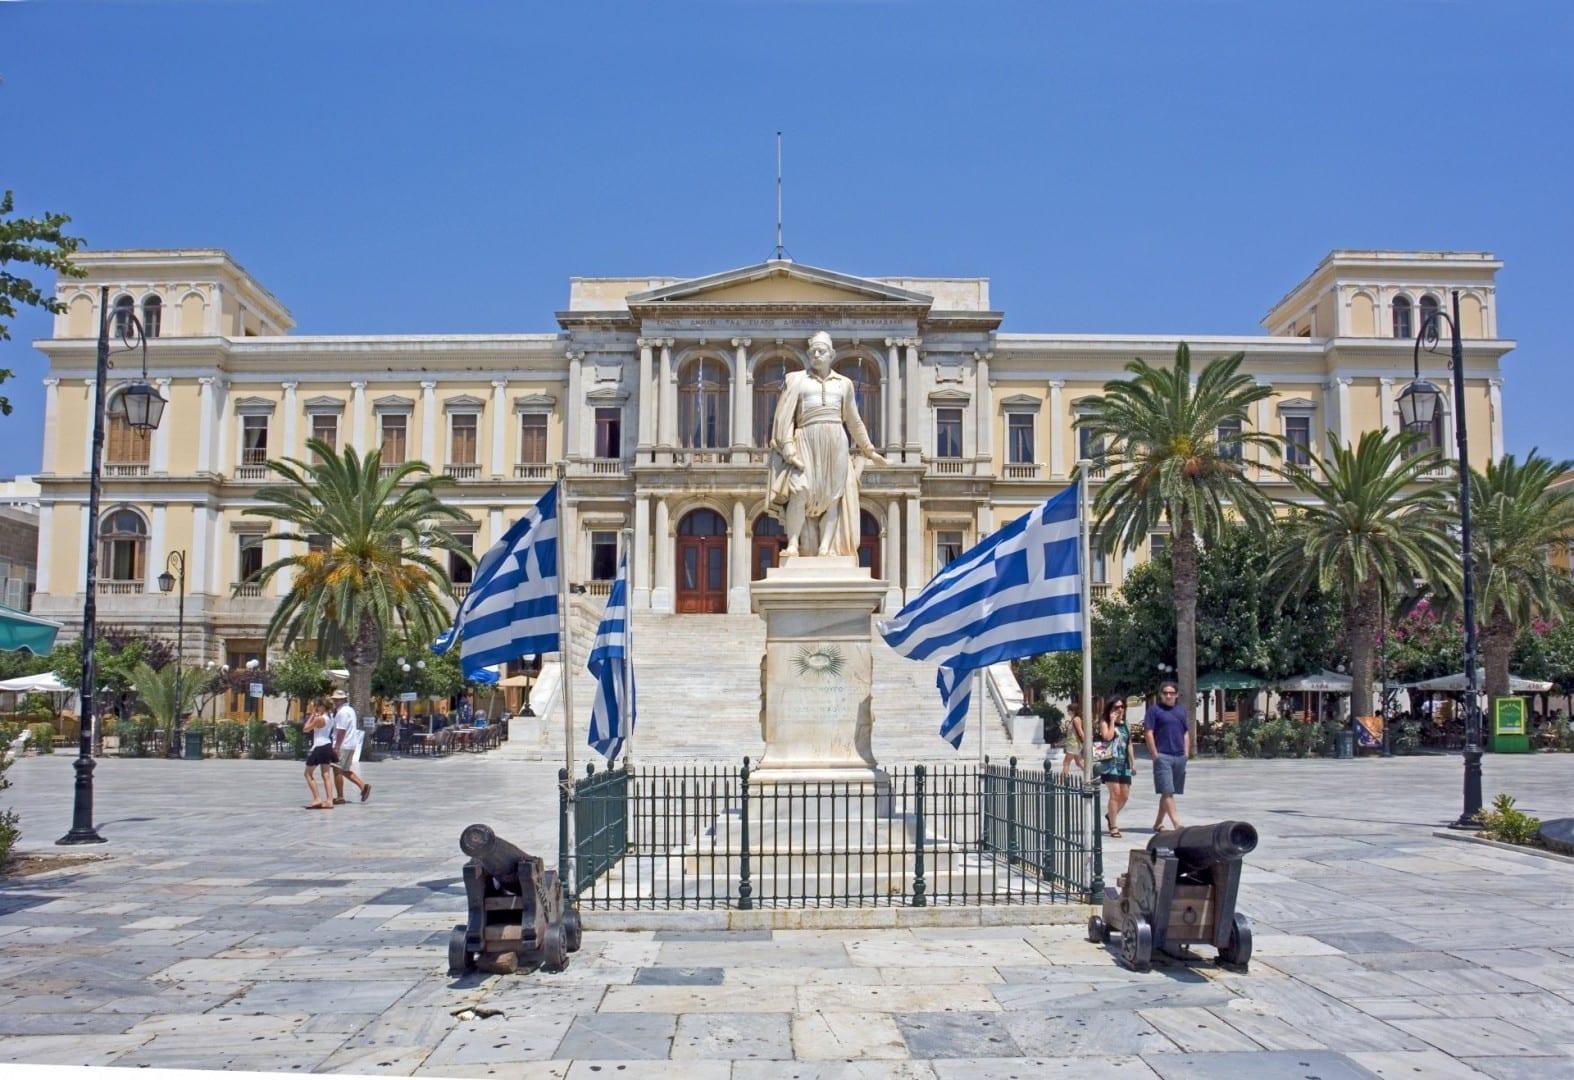 El ayuntamiento de Ermoupolis, diseñado por Ernst Ziller, con la estatua de Andreas Miaoulis (obra de Georgios Bonanos) Syros Grecia